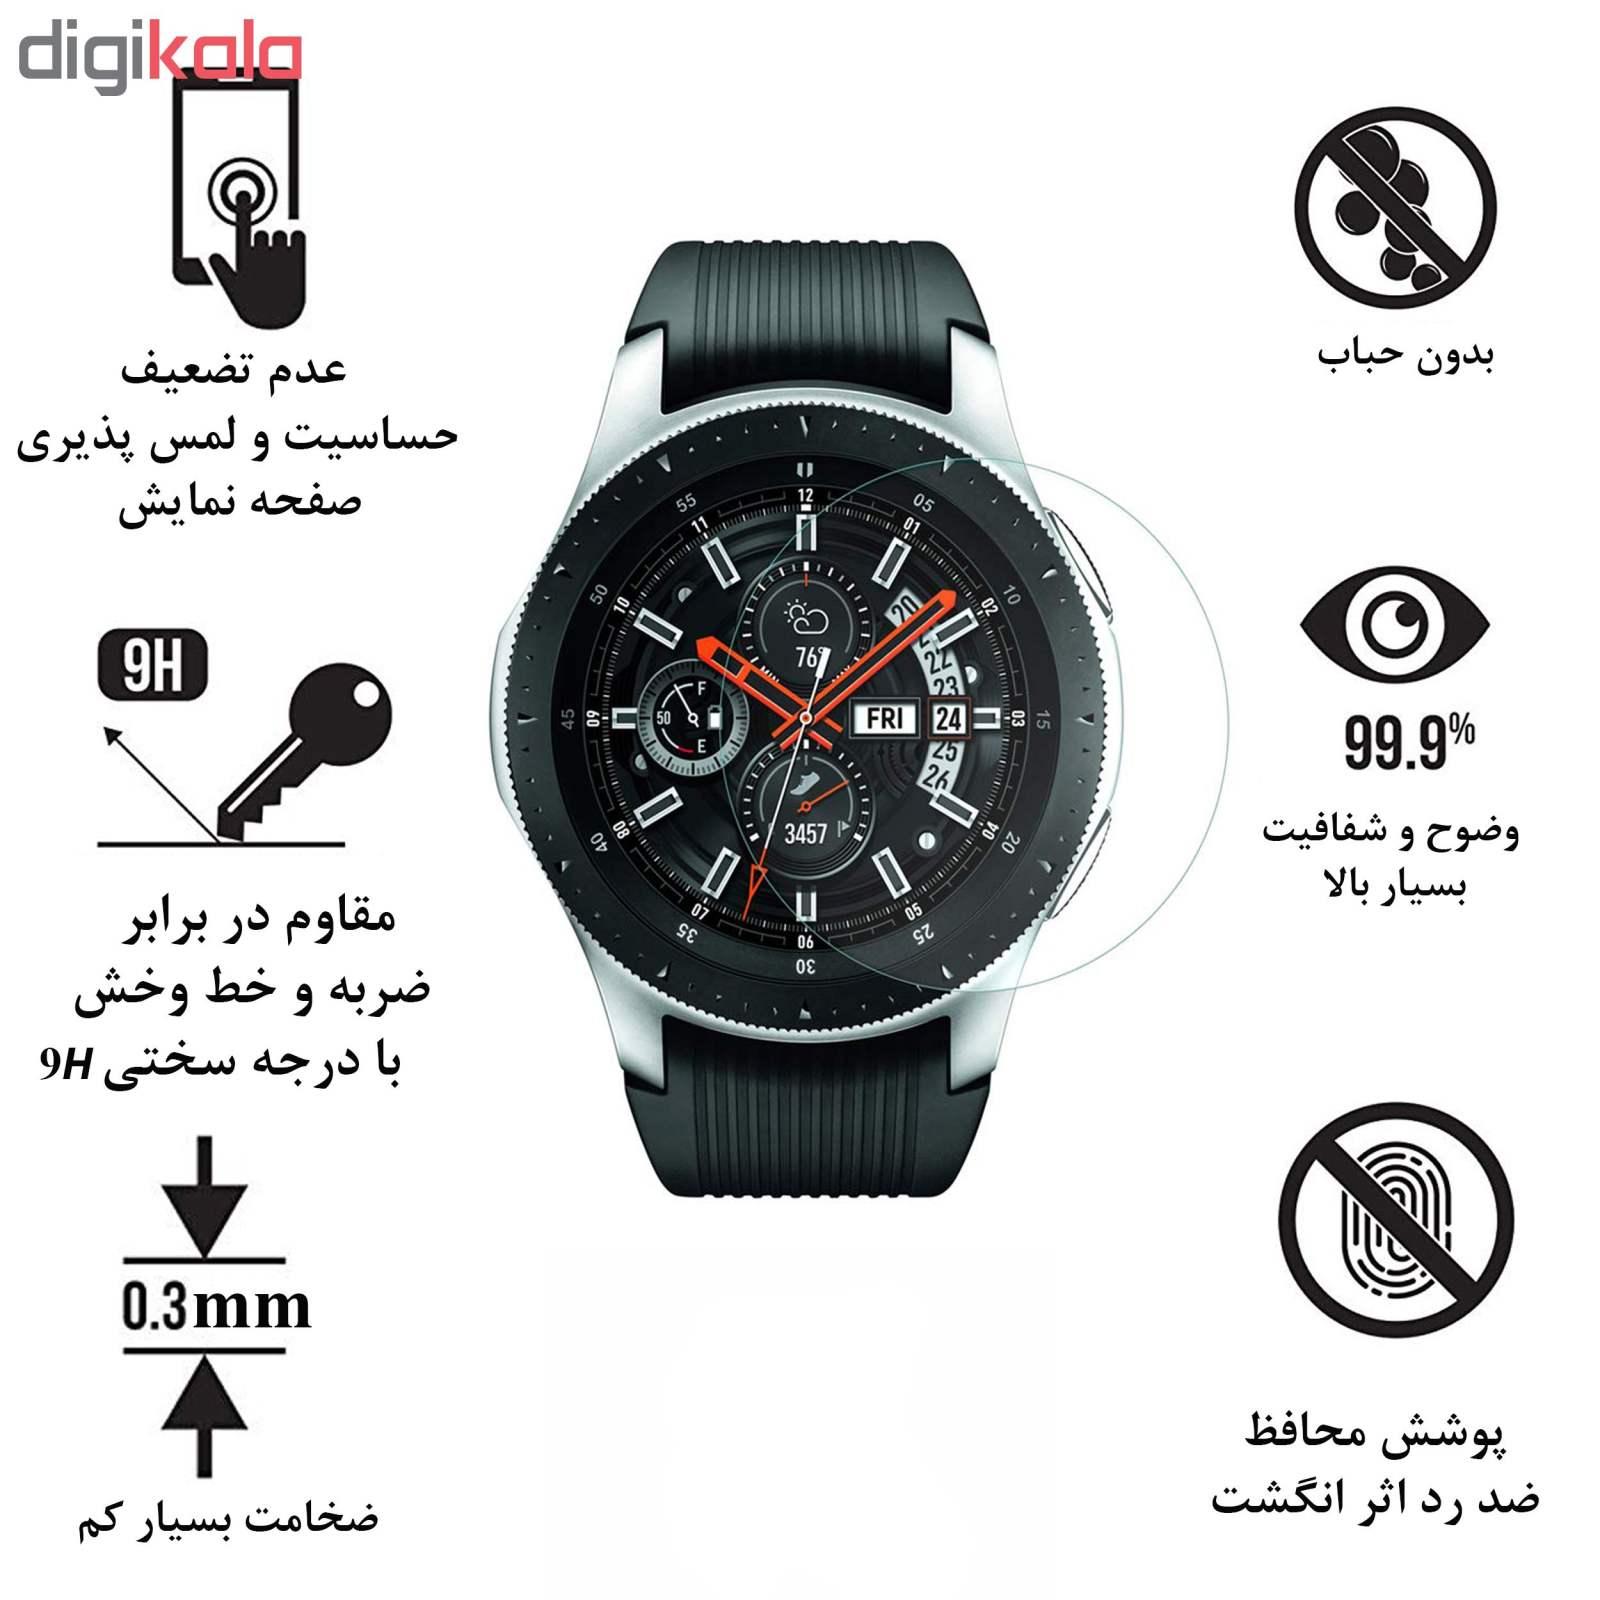 محافظ صفحه نمایش پیکسی مدل Treasure Troveمناسب برای ساعت هوشمند سامسونگ مدل Galaxy Watch 46mm main 1 2